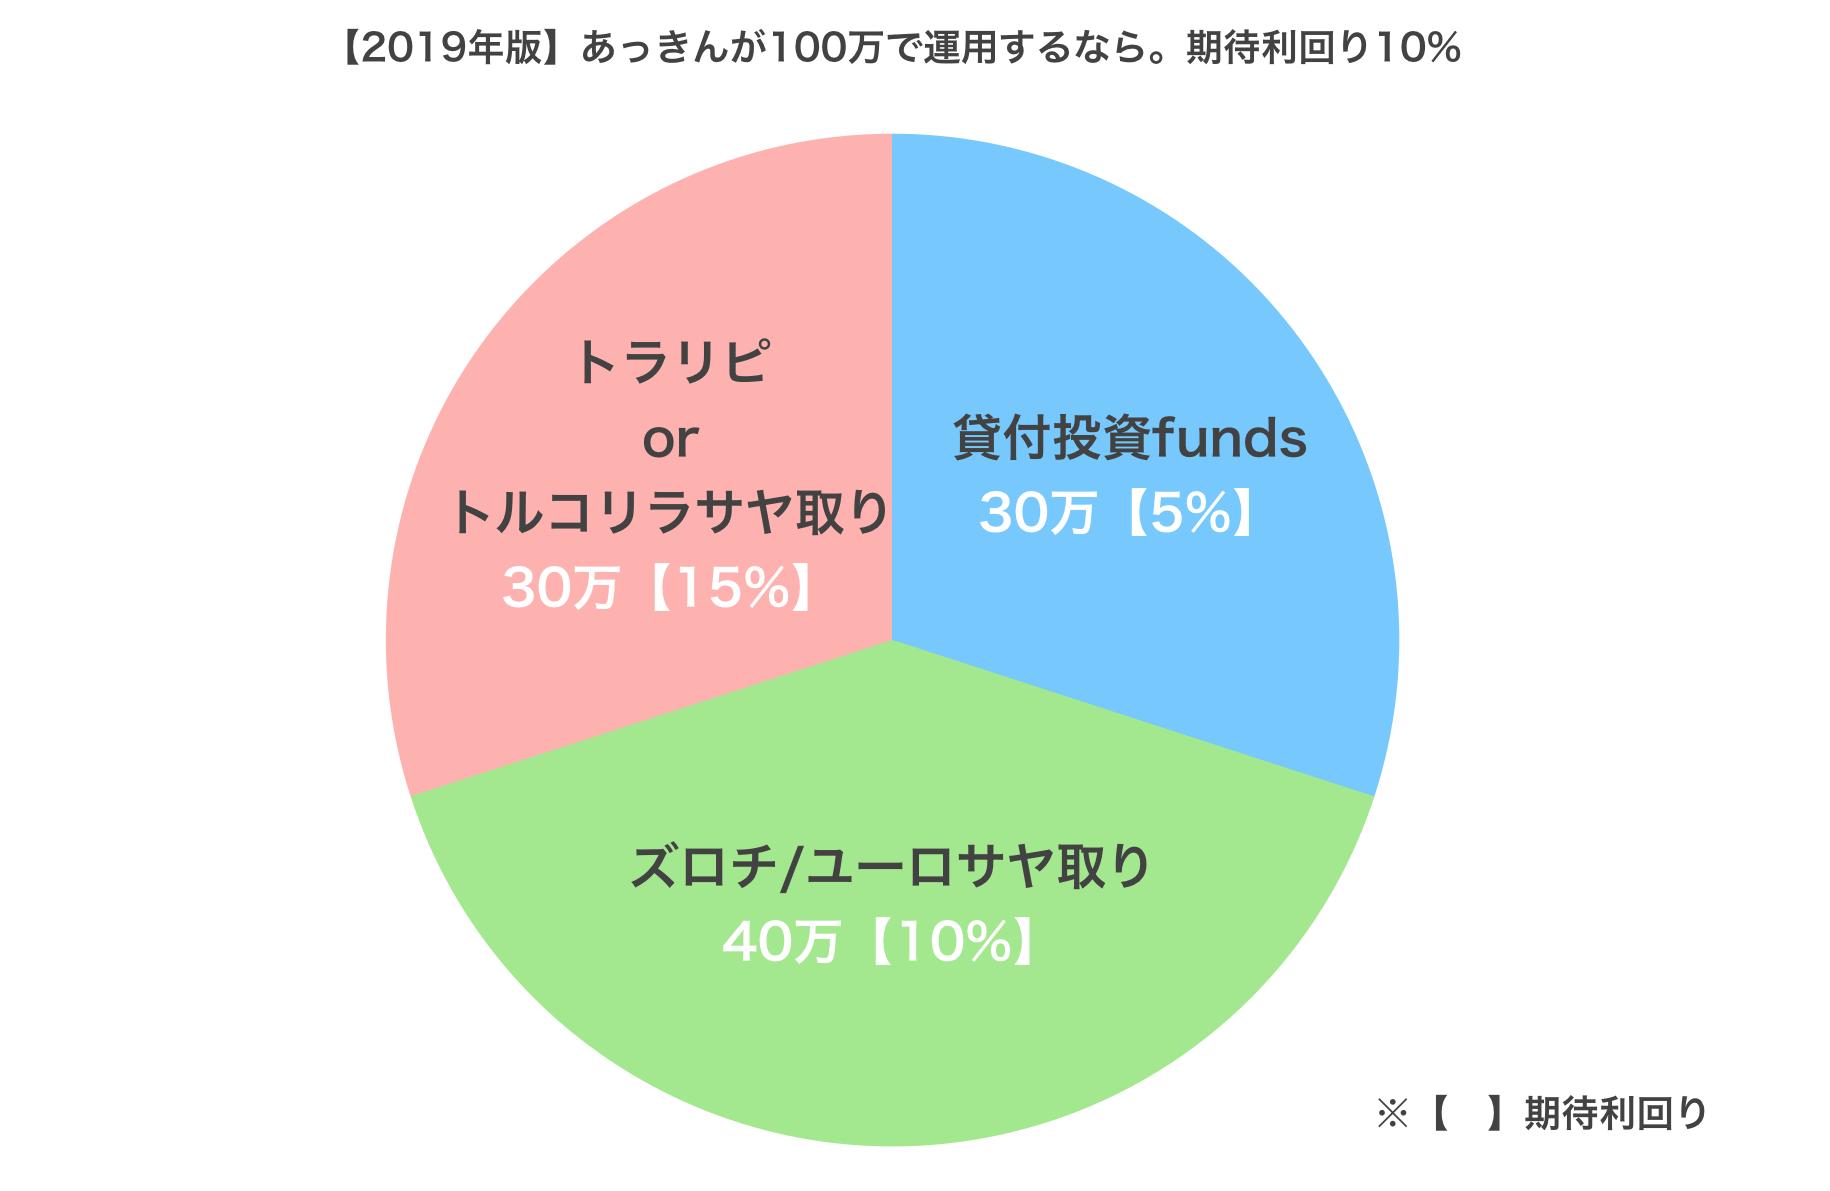 【2019年版】あっきんが100万で運用するなら。期待利回り10%